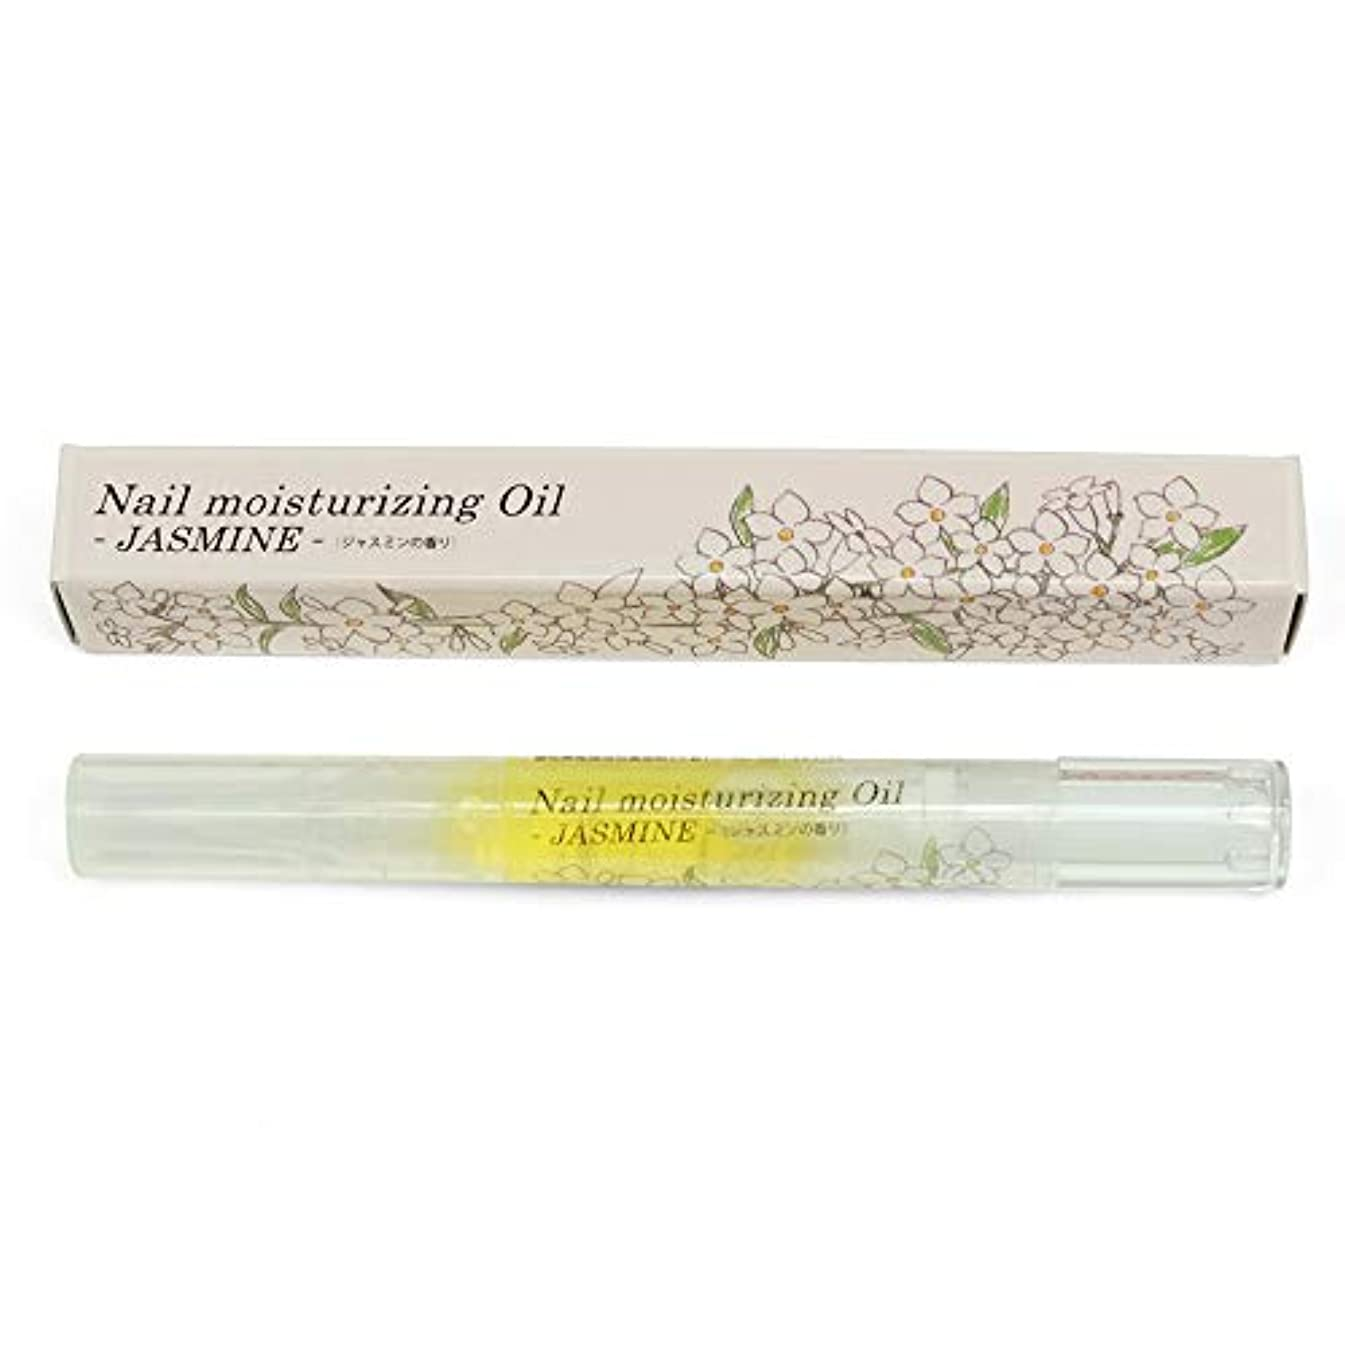 副を必要としています有名ease Nail moisturizing Oil ネイルオイルペン(ジャスミンの香り) 2ml